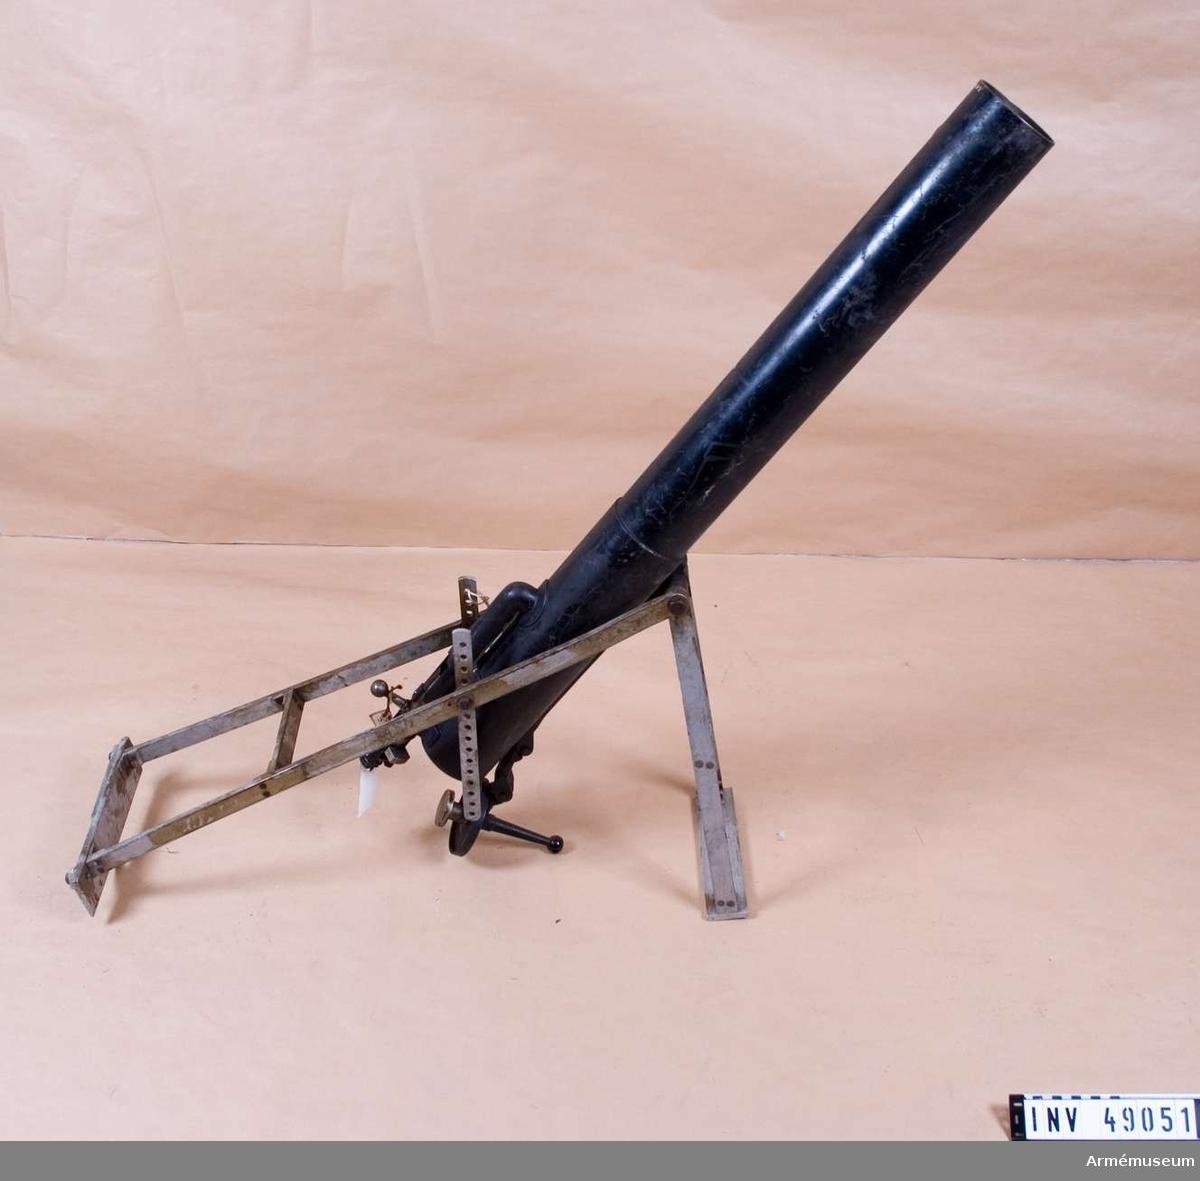 .Grupp E X b. Tillverkningsnummer 30.Enligt kat.kort och inv.förteckning ett utskjutningsrör, enligt  inventering år 1996 en granatkastare som kan öppnas baktill  och har slutstycke för drivpatron. 1997-06-18 /GO